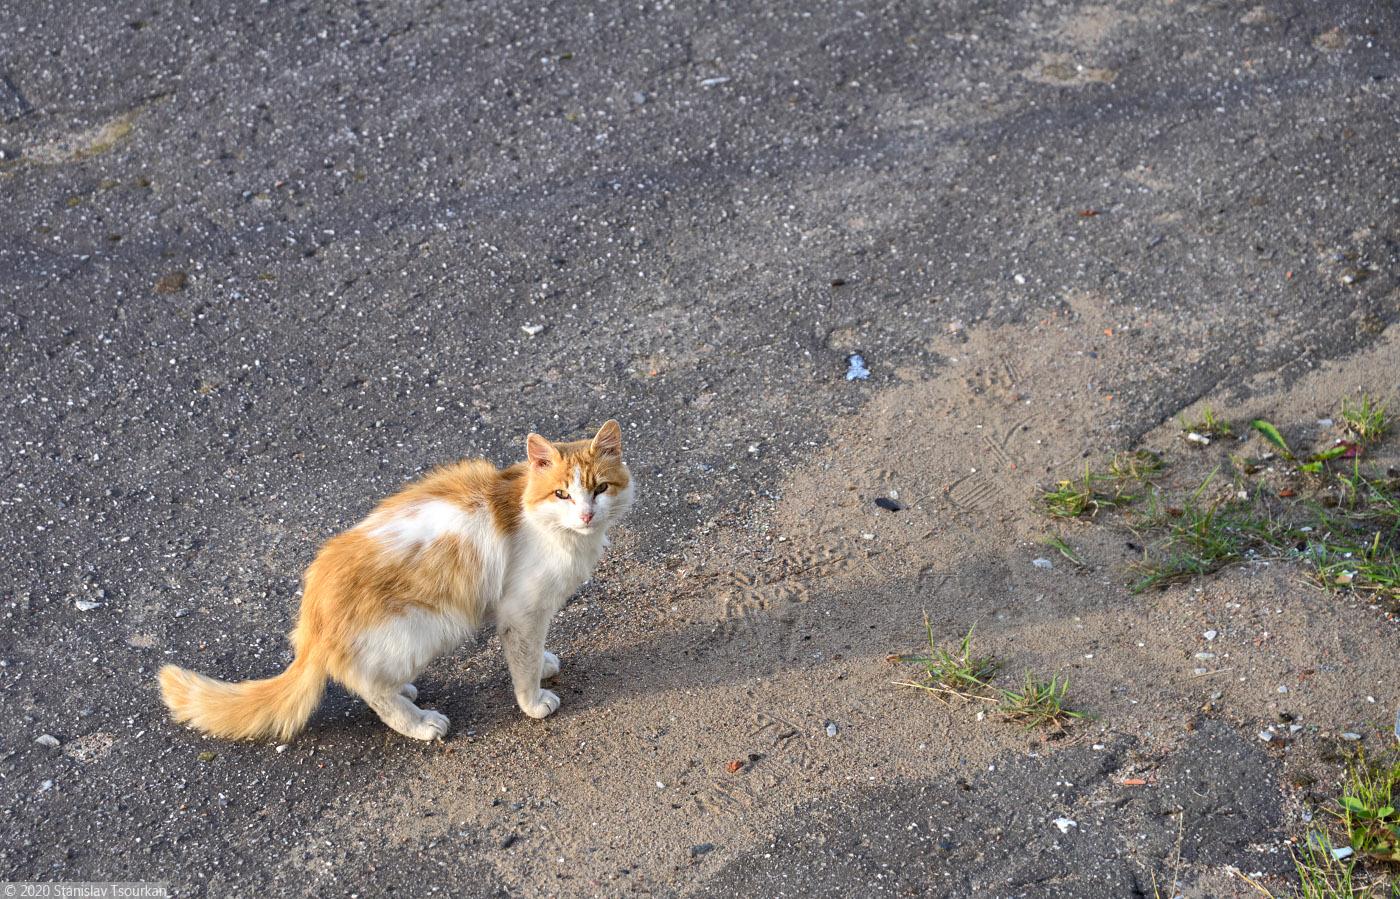 Лахденпохья, Карелия, республика Карелия, Яккима, станция Яккима, железная дорога, котик, рыжий котик